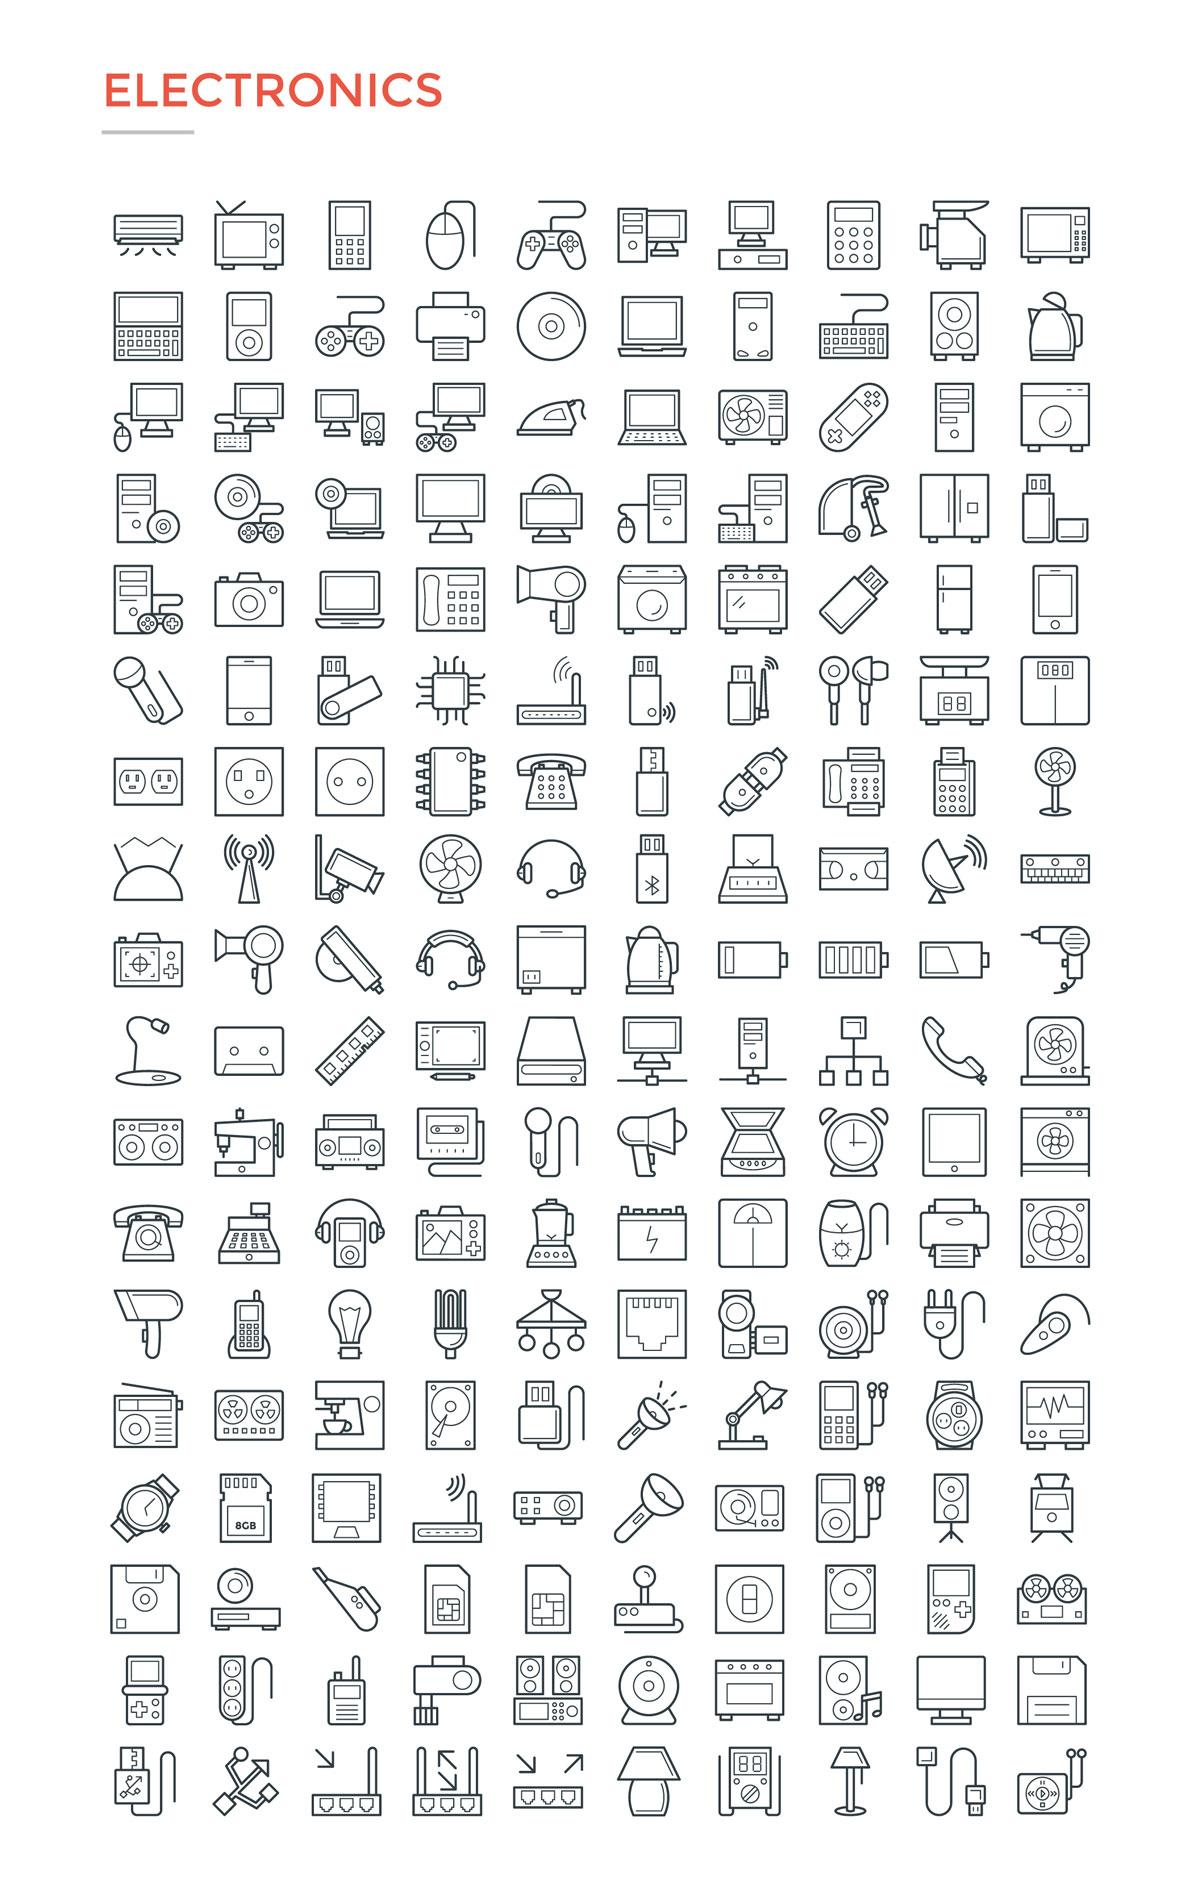 4800款独特的矢量图标合集 4800 Line Icons插图5